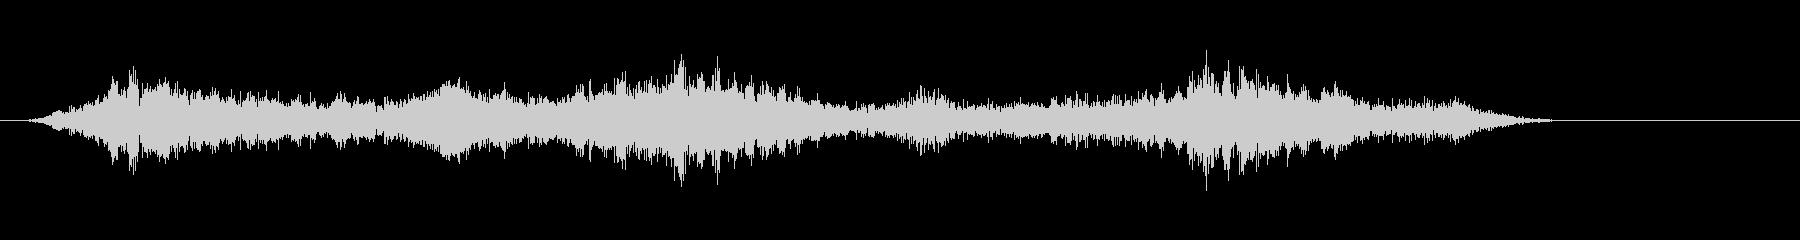 3「不安定、暗い、奇妙、嫌な音」の未再生の波形